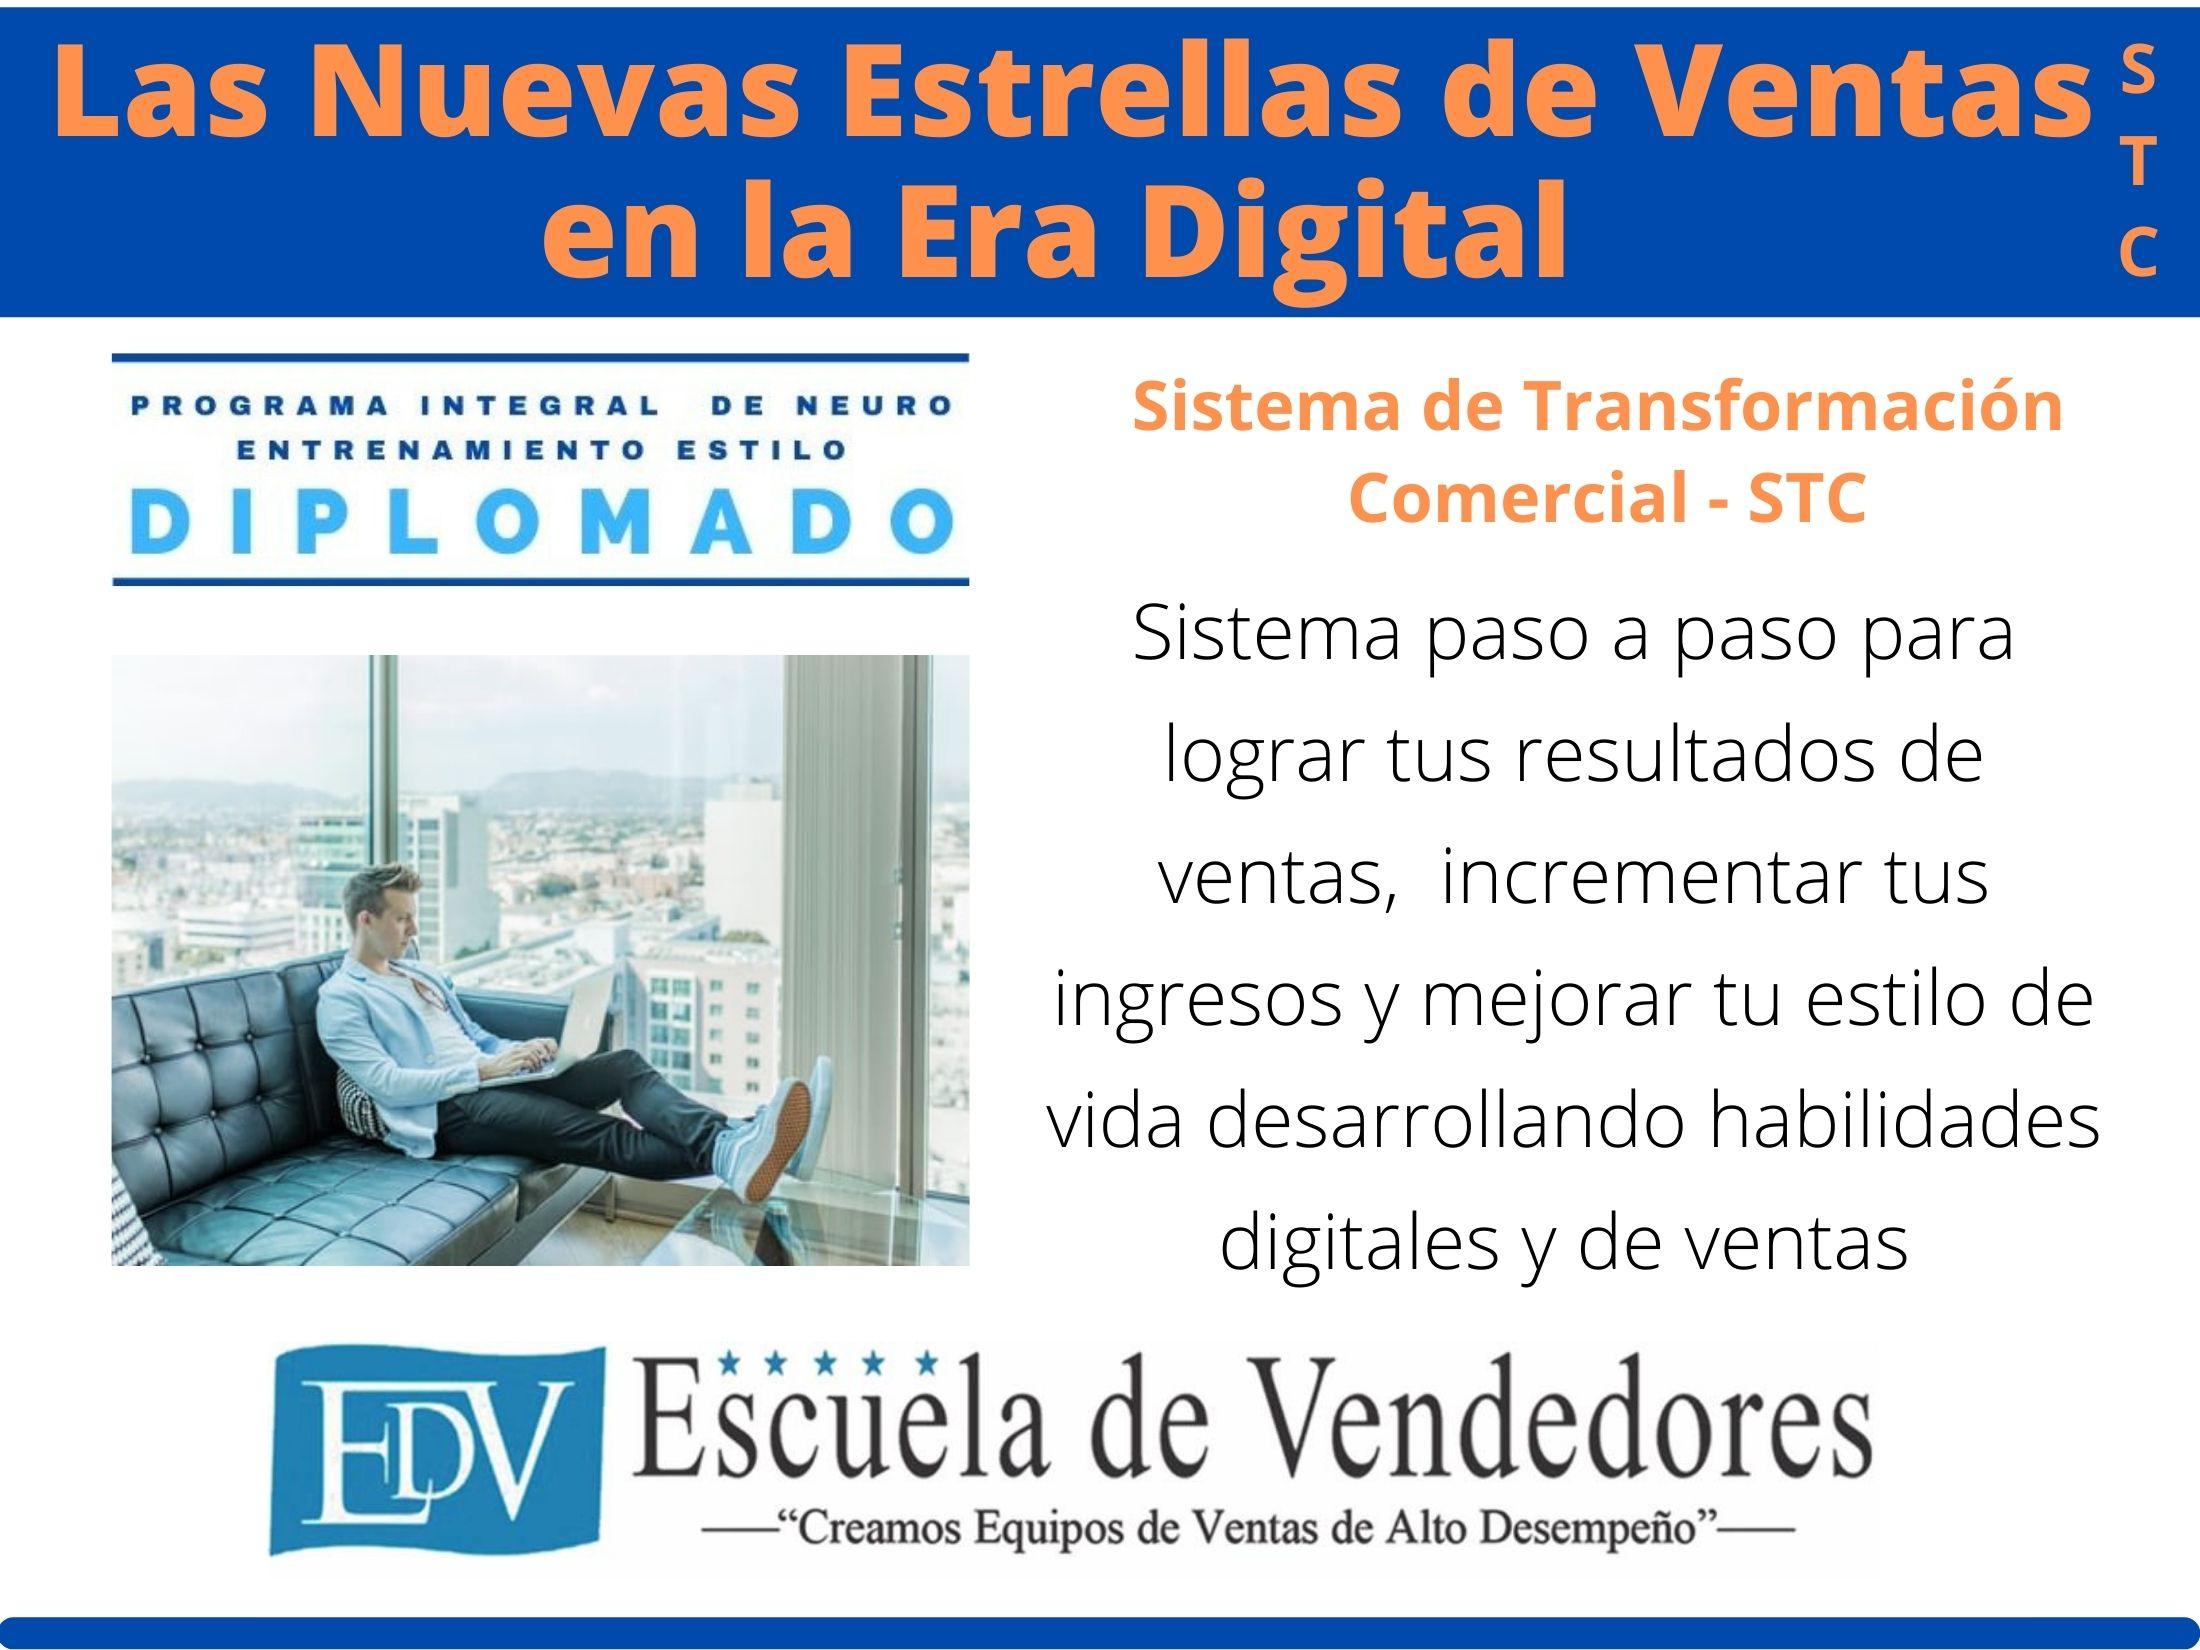 Diplomado Las Nuevas Estrellas de Ventas en la Era Digital - STC